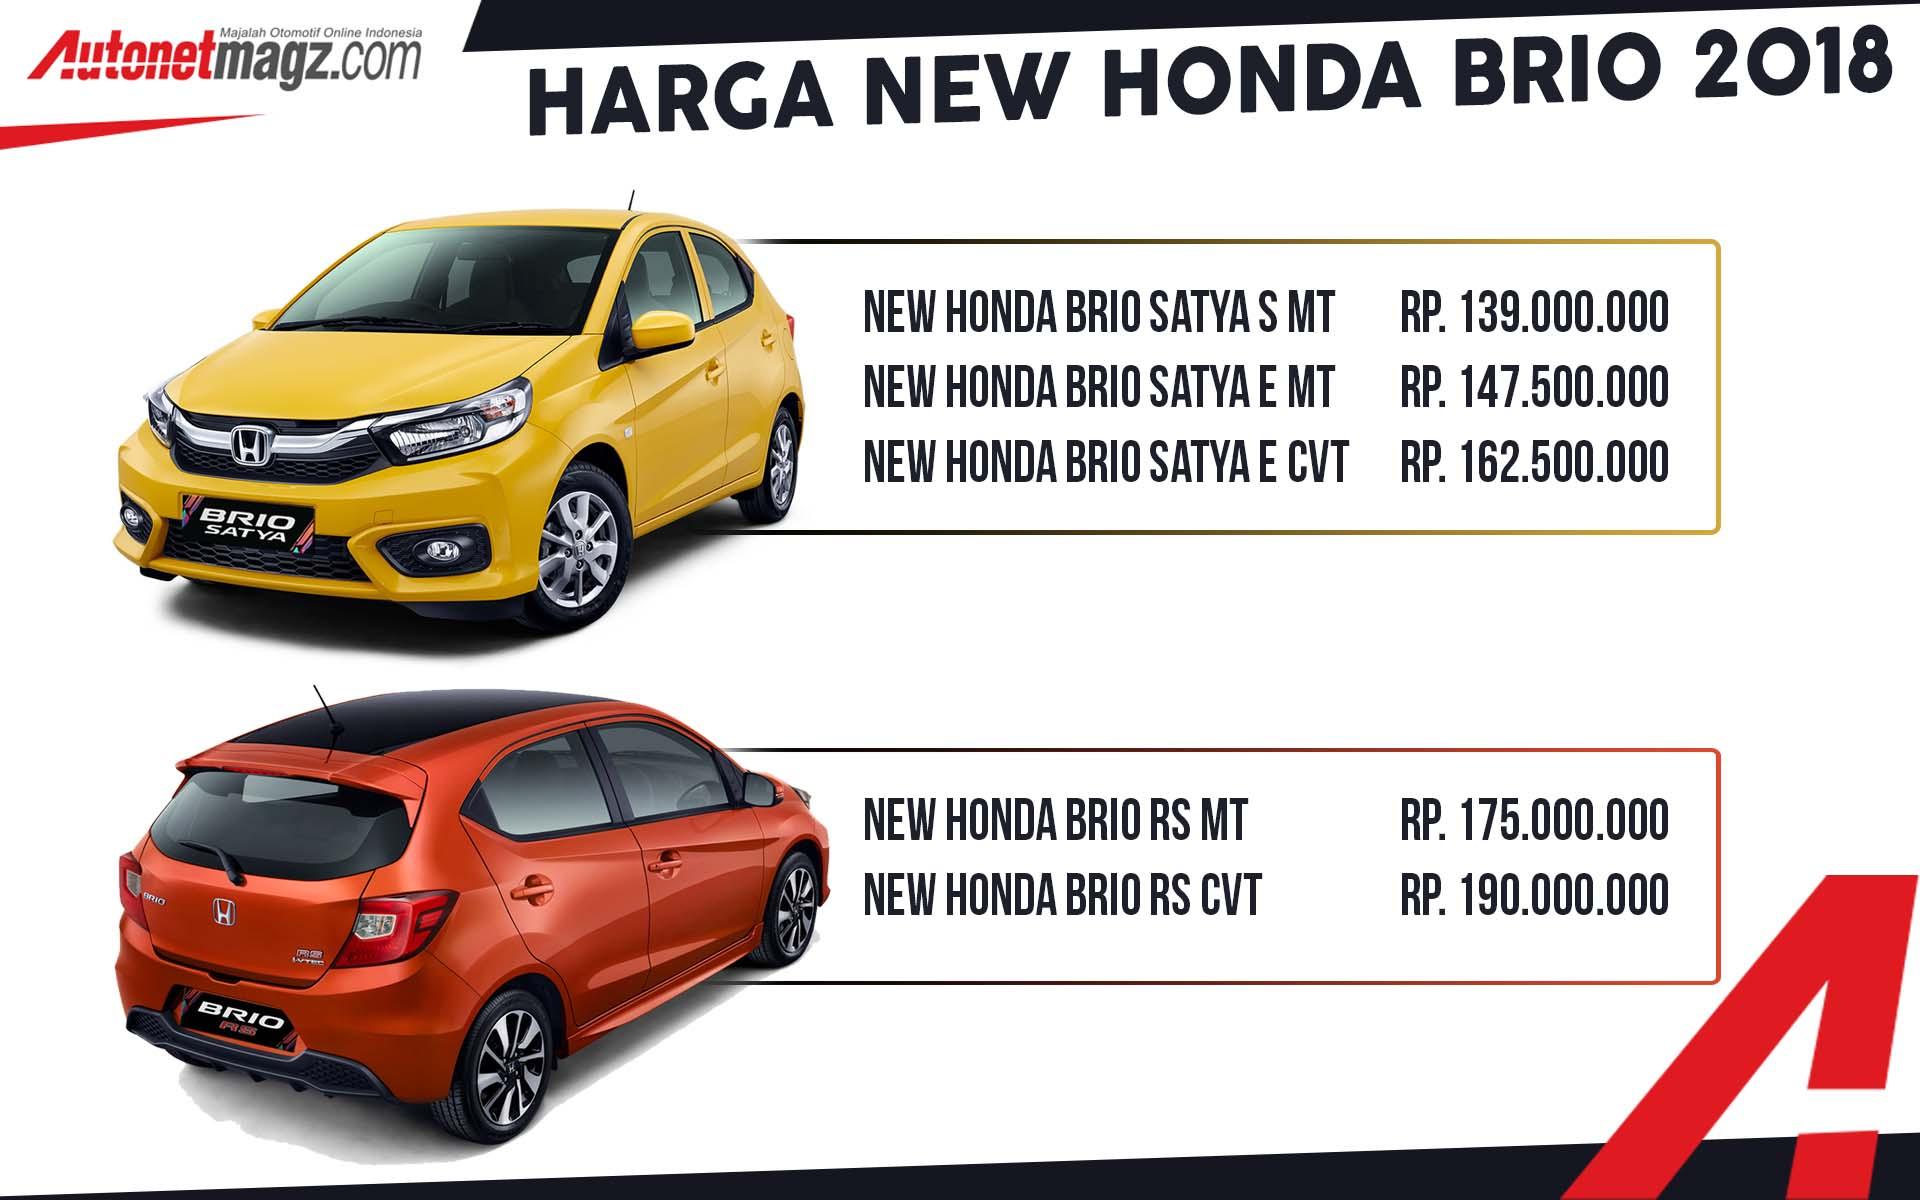 Kelebihan Harga Honda Brio Baru Top Model Tahun Ini